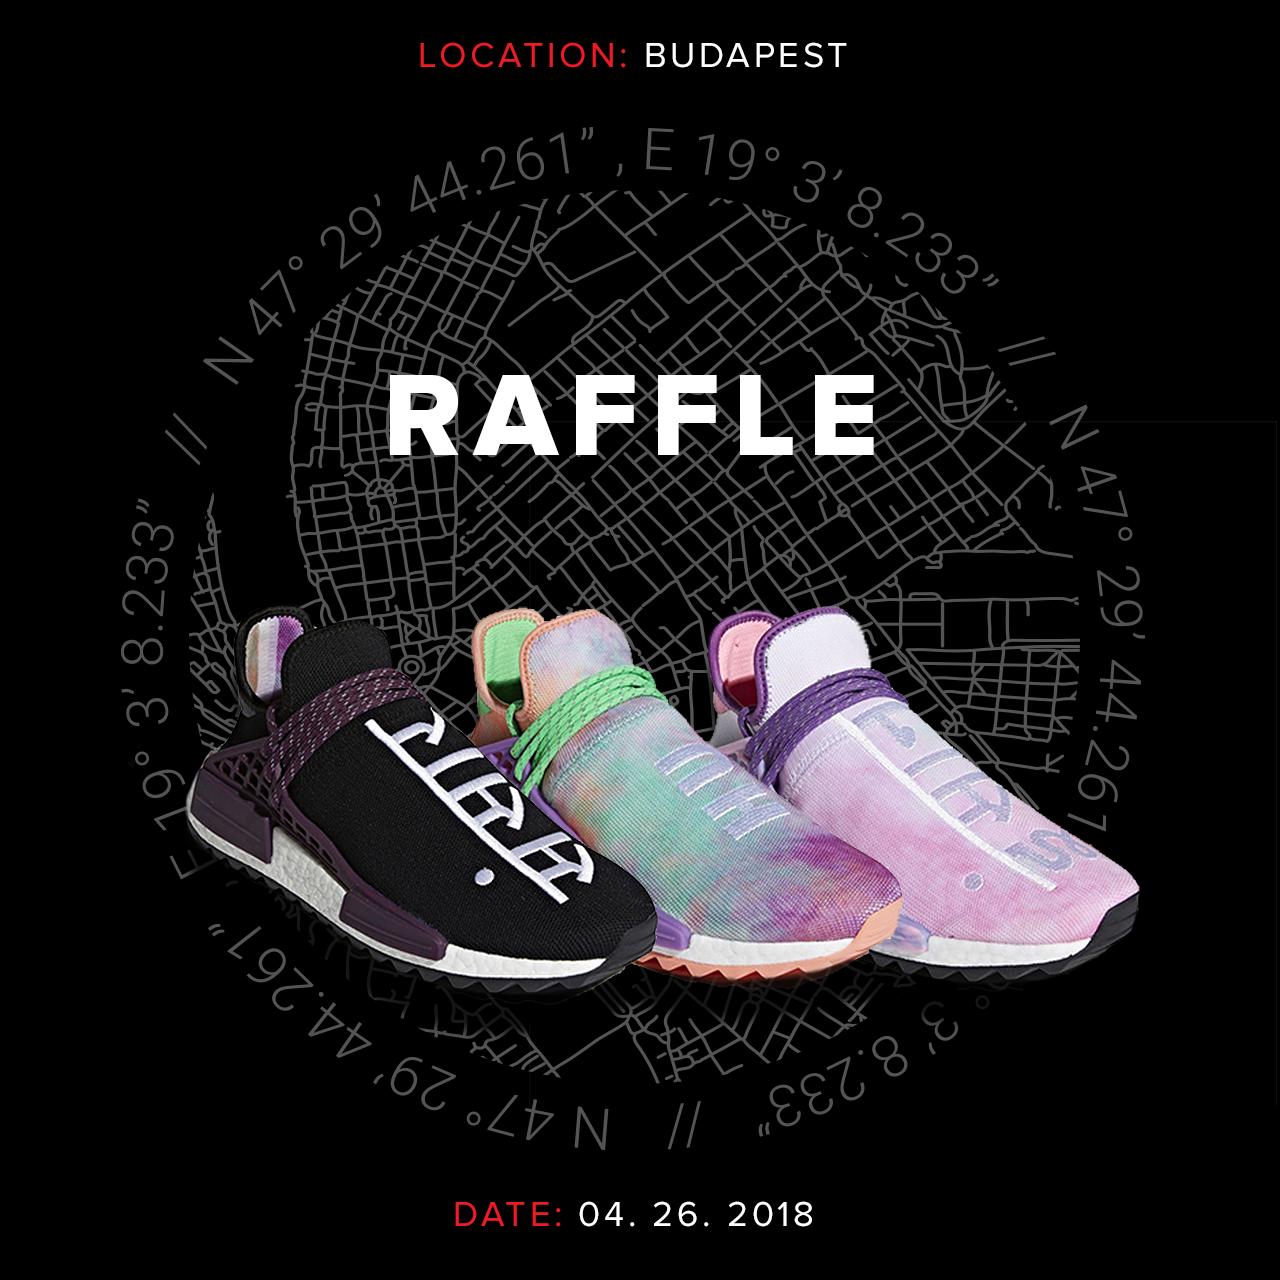 Footshop raffle - adidas Human Race 'Holi' pack